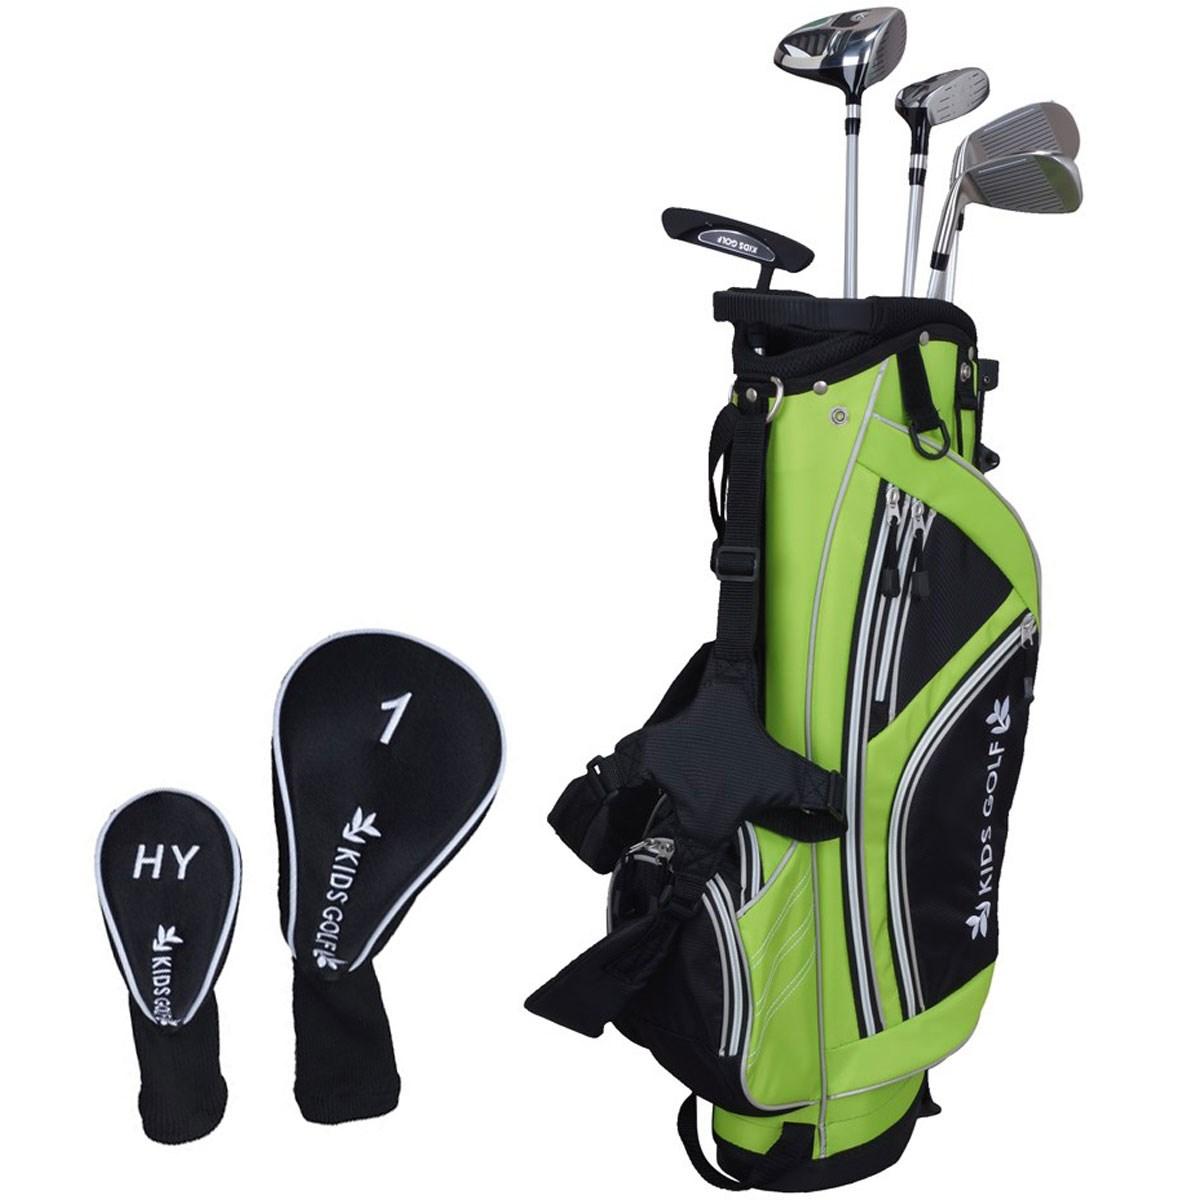 キッズゴルフ KIDS GOLF GDO限定 クラブセット(5本セット)100-120cmサイズ Jr ライトグリーン ジュニア